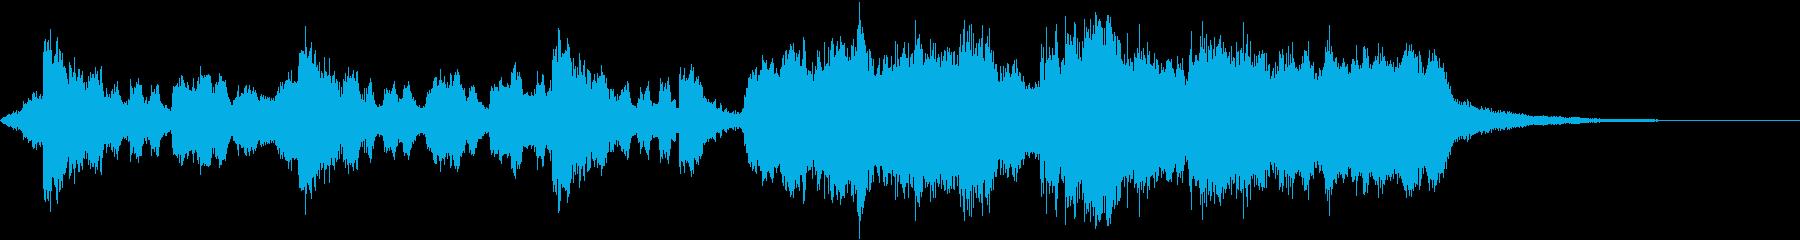 始まりを飾るオーケストラファンファーレの再生済みの波形